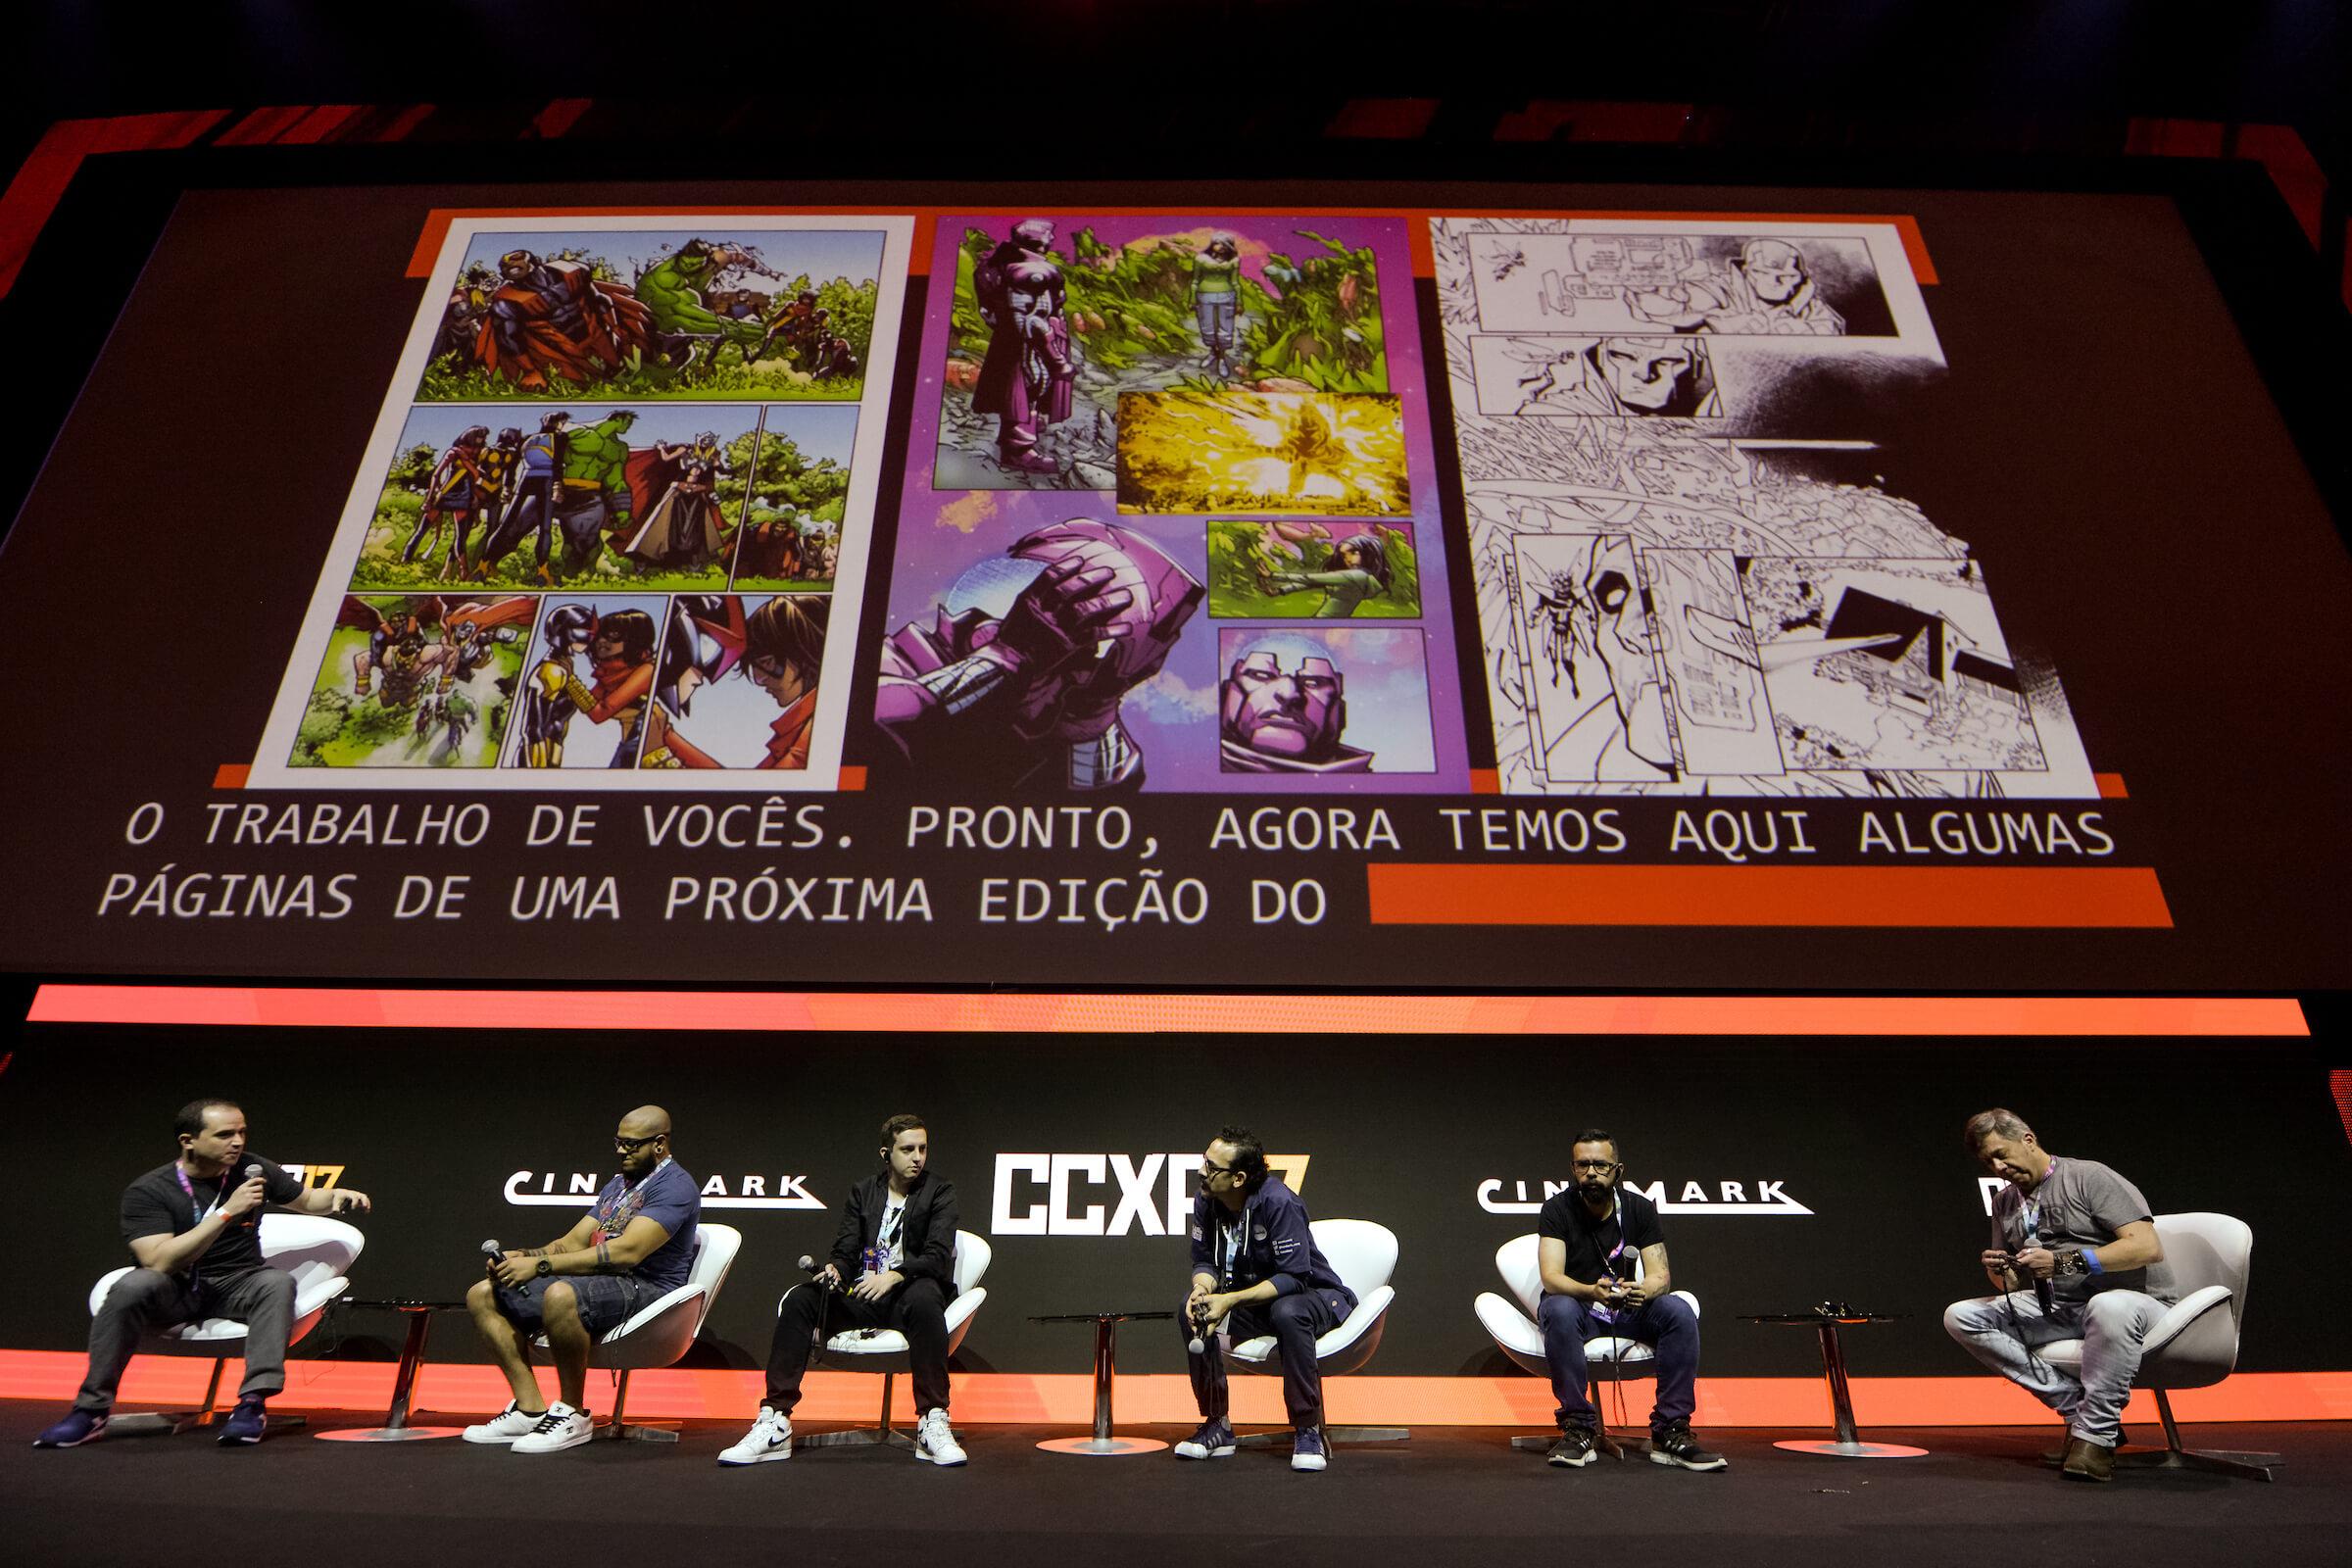 07/12/2017 - São Paulo - SP - Cobertura fotográfica do evento CCXP 2017 - No São Paulo Expo  Fotos: Daniel Deak / Galpão de Imagens